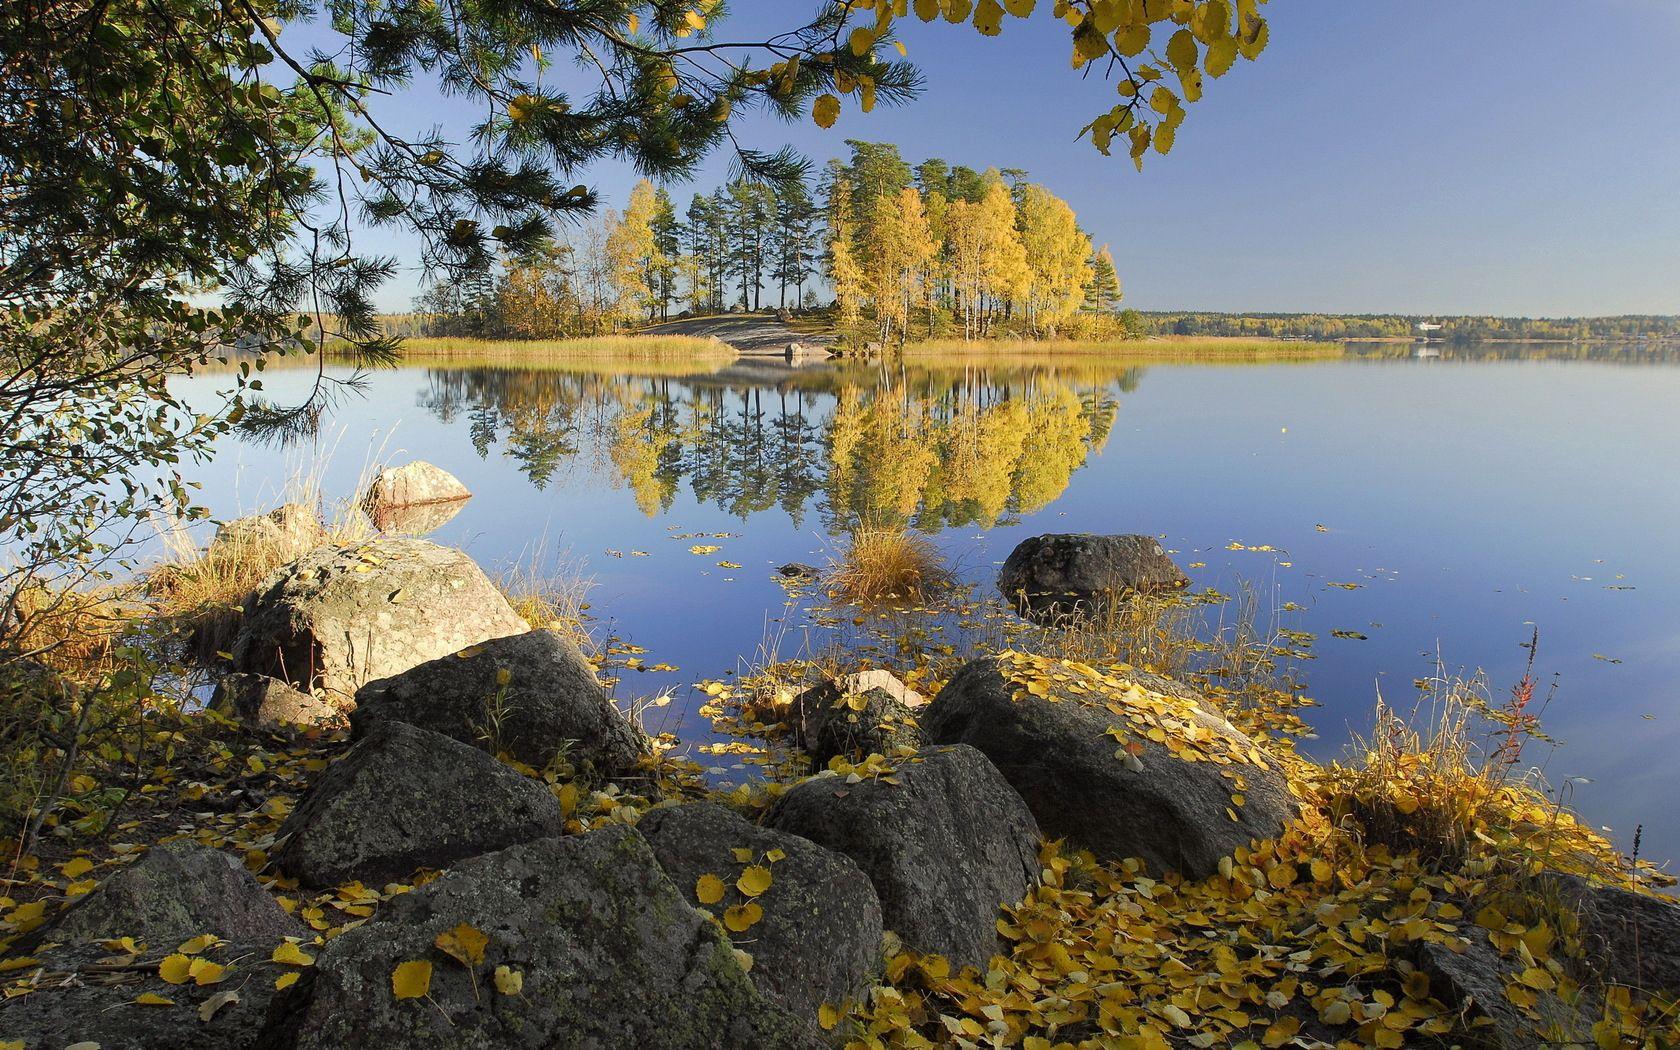 144502 скачать обои Осень, Камни, Природа, Деревья, Листья, Березы, Озеро, Берега, Островок - заставки и картинки бесплатно